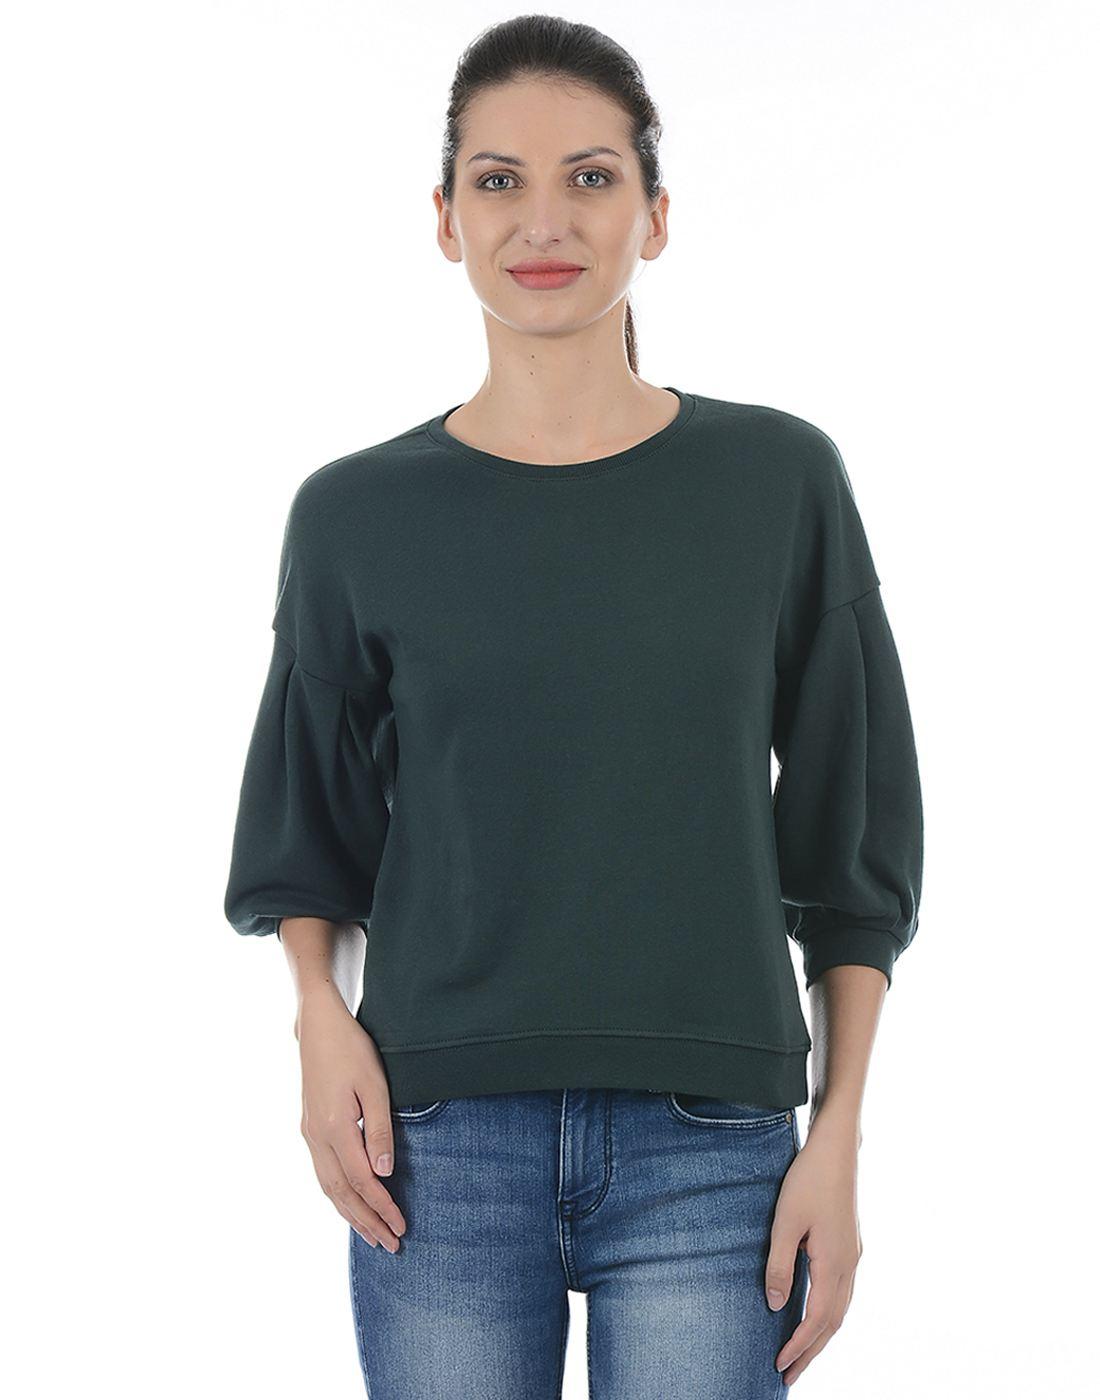 Only Women Casual Green Sweat Shirt